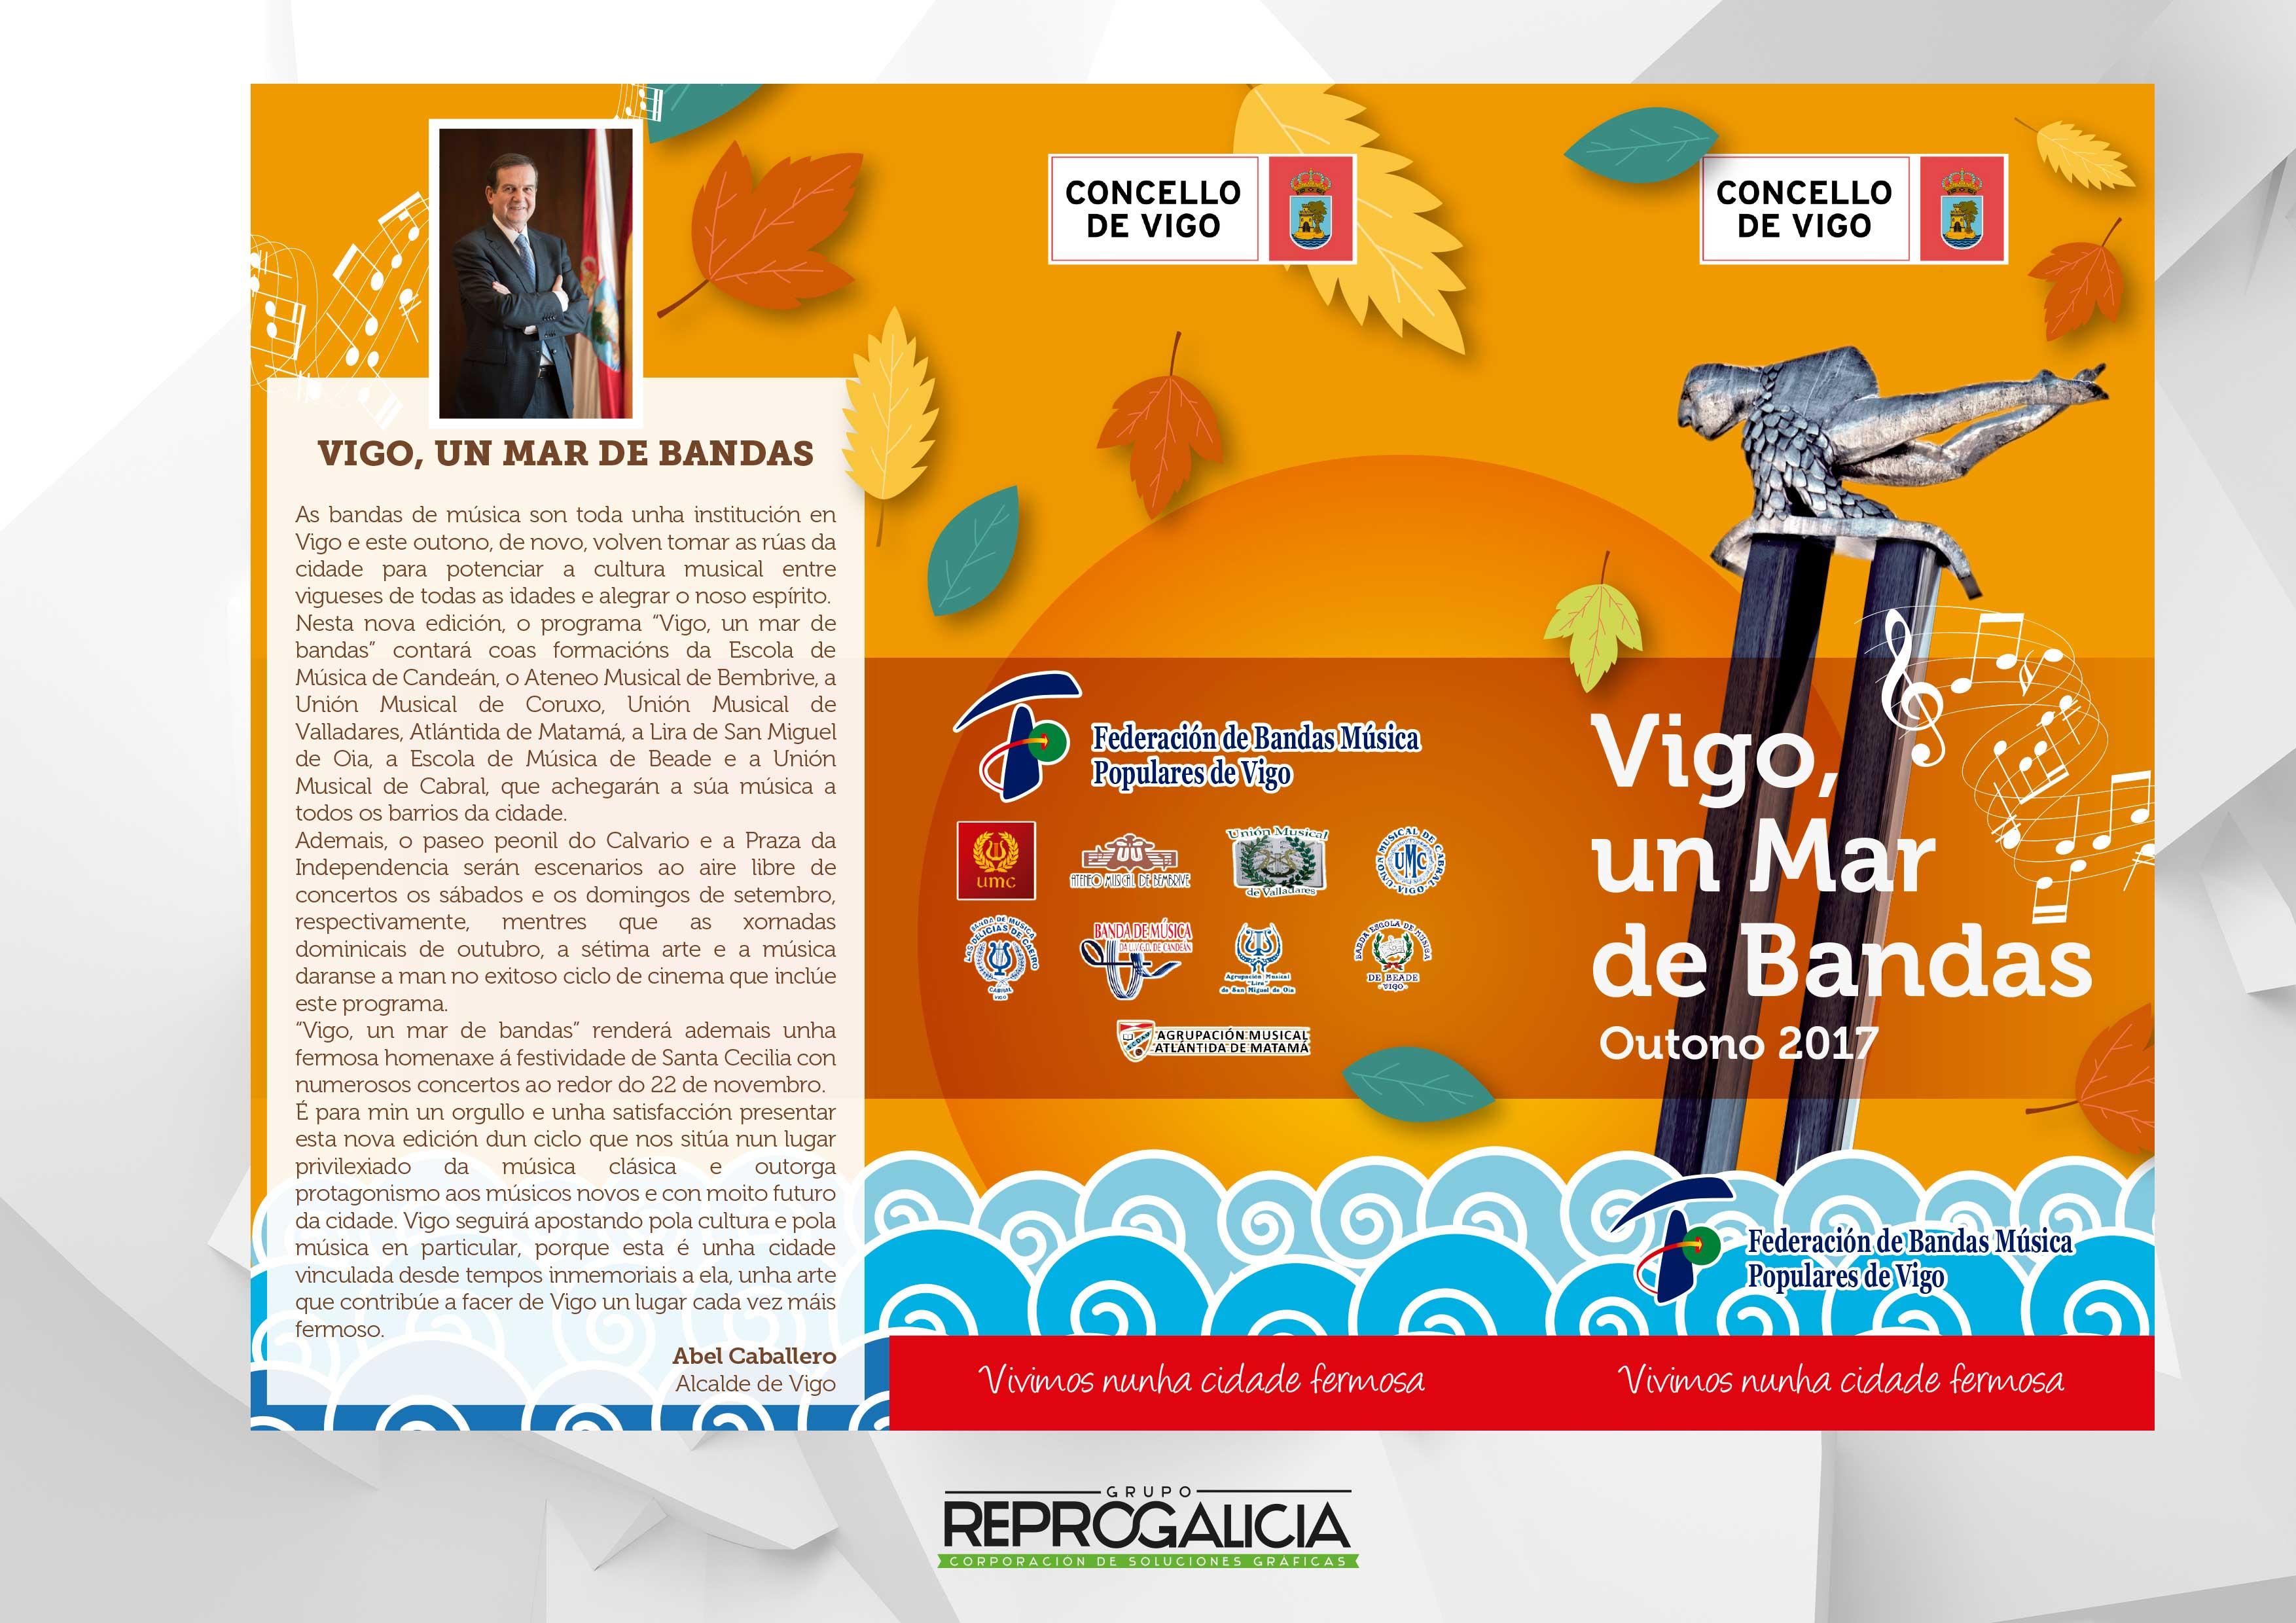 Vigo, Un Mar De Bandas Otoño 2017